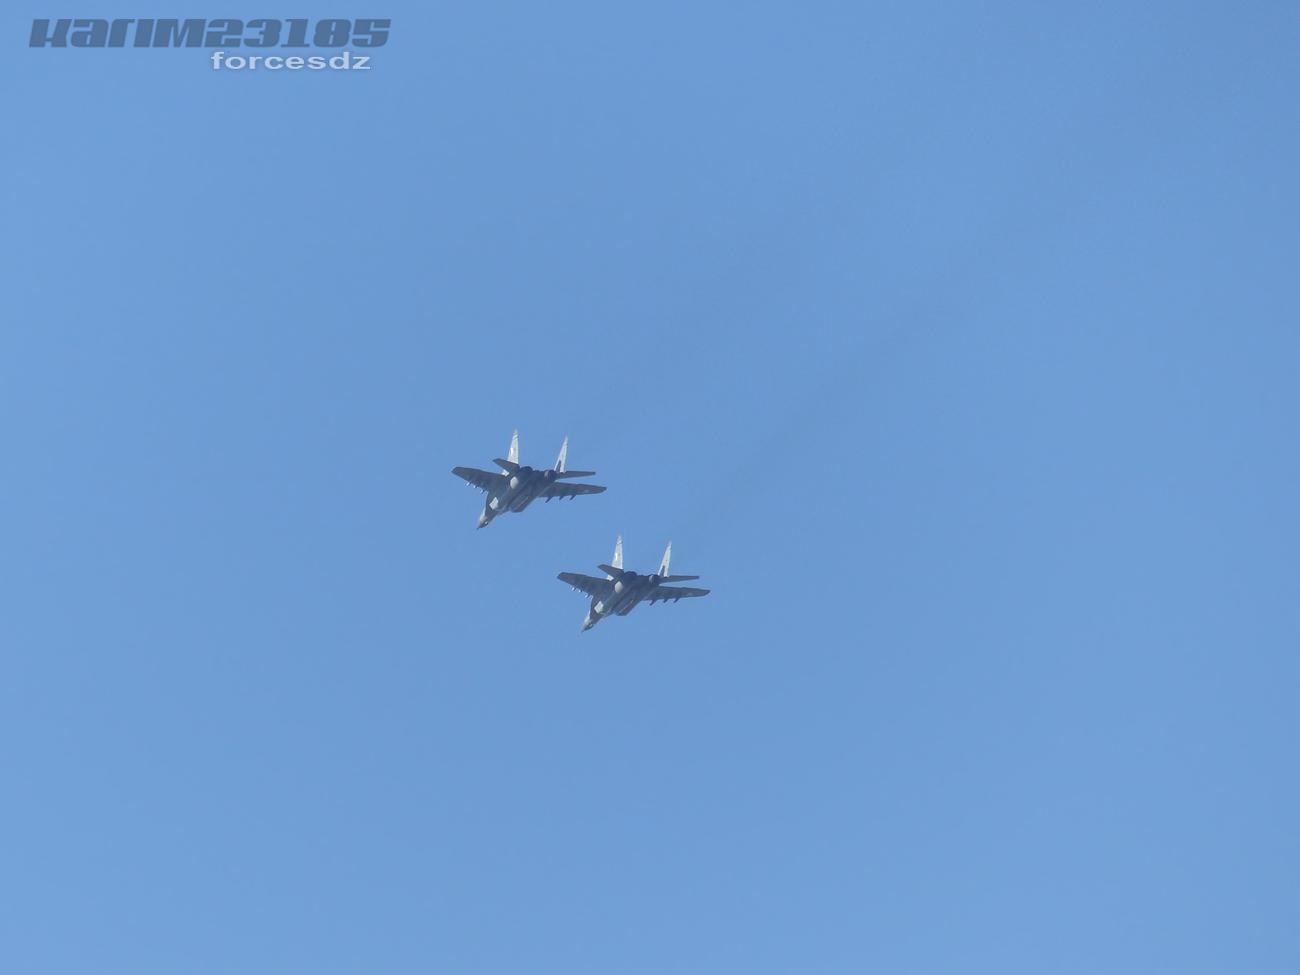 صور طائرات القوات الجوية الجزائرية  [ MIG-29S/UB / Fulcrum ] 6